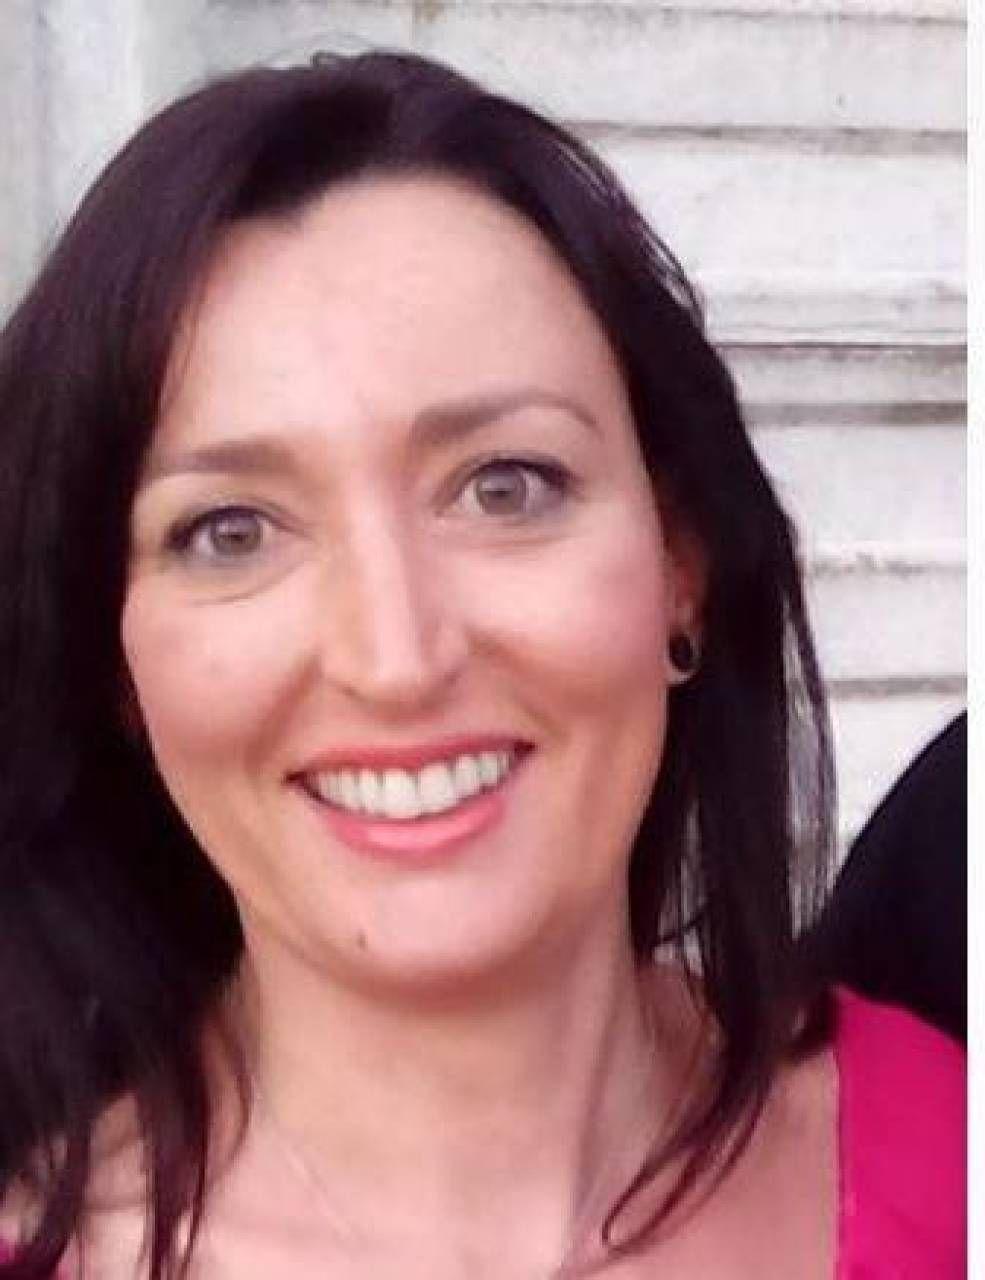 I consiglieri comunali Aurora Giannotti e Antonio Affinito sosterranno la candidatura di Dario Rollo alla carica di sindaco di Cascina